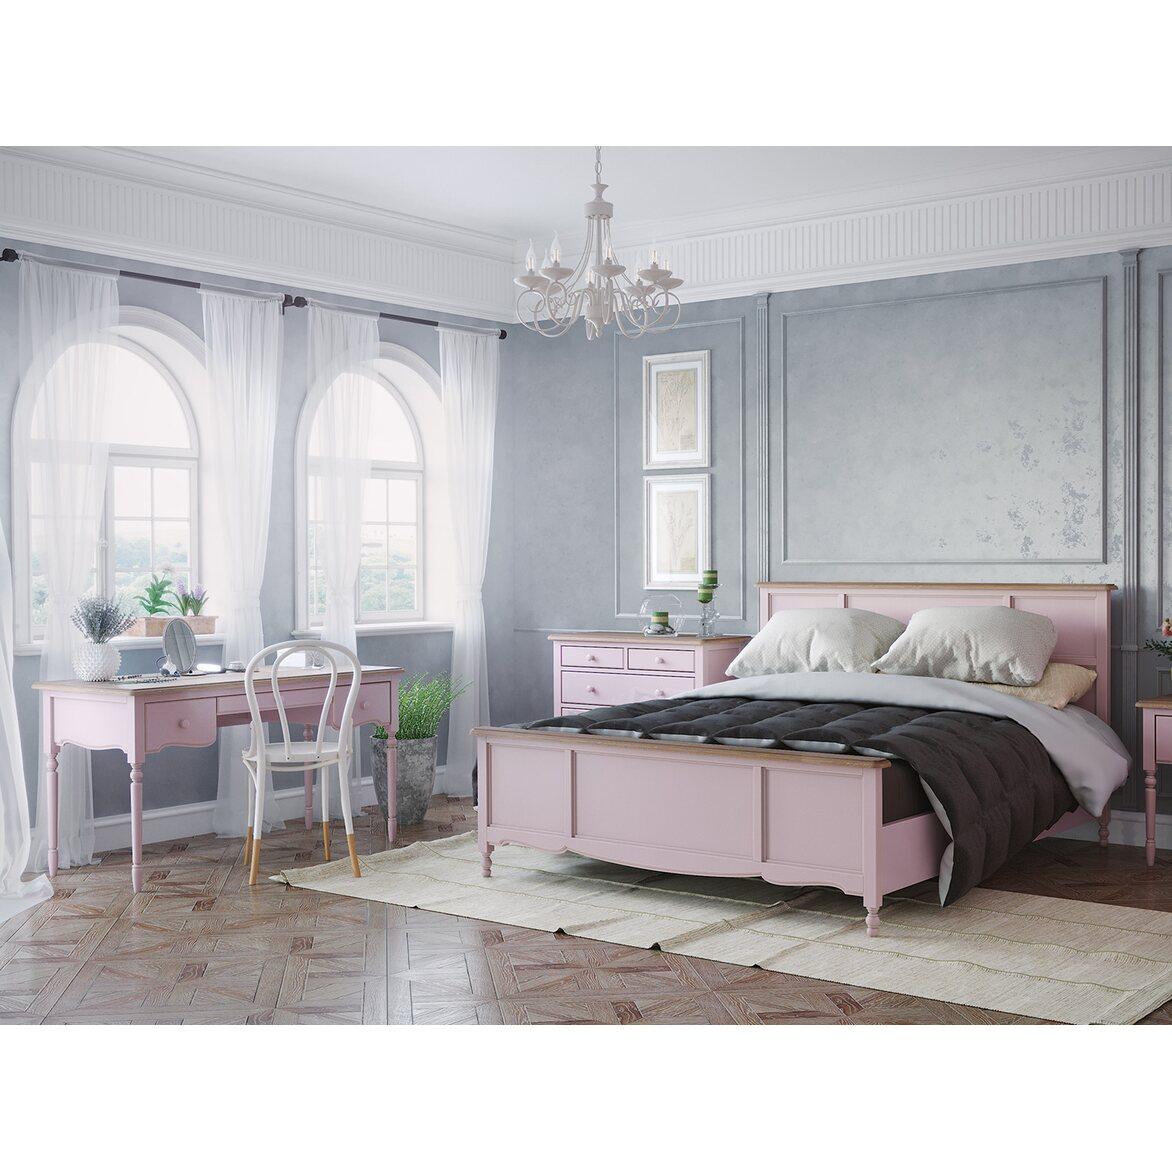 Кровать односпальная 120*200 Leblanc, лаванда 4 | Односпальные кровати Kingsby